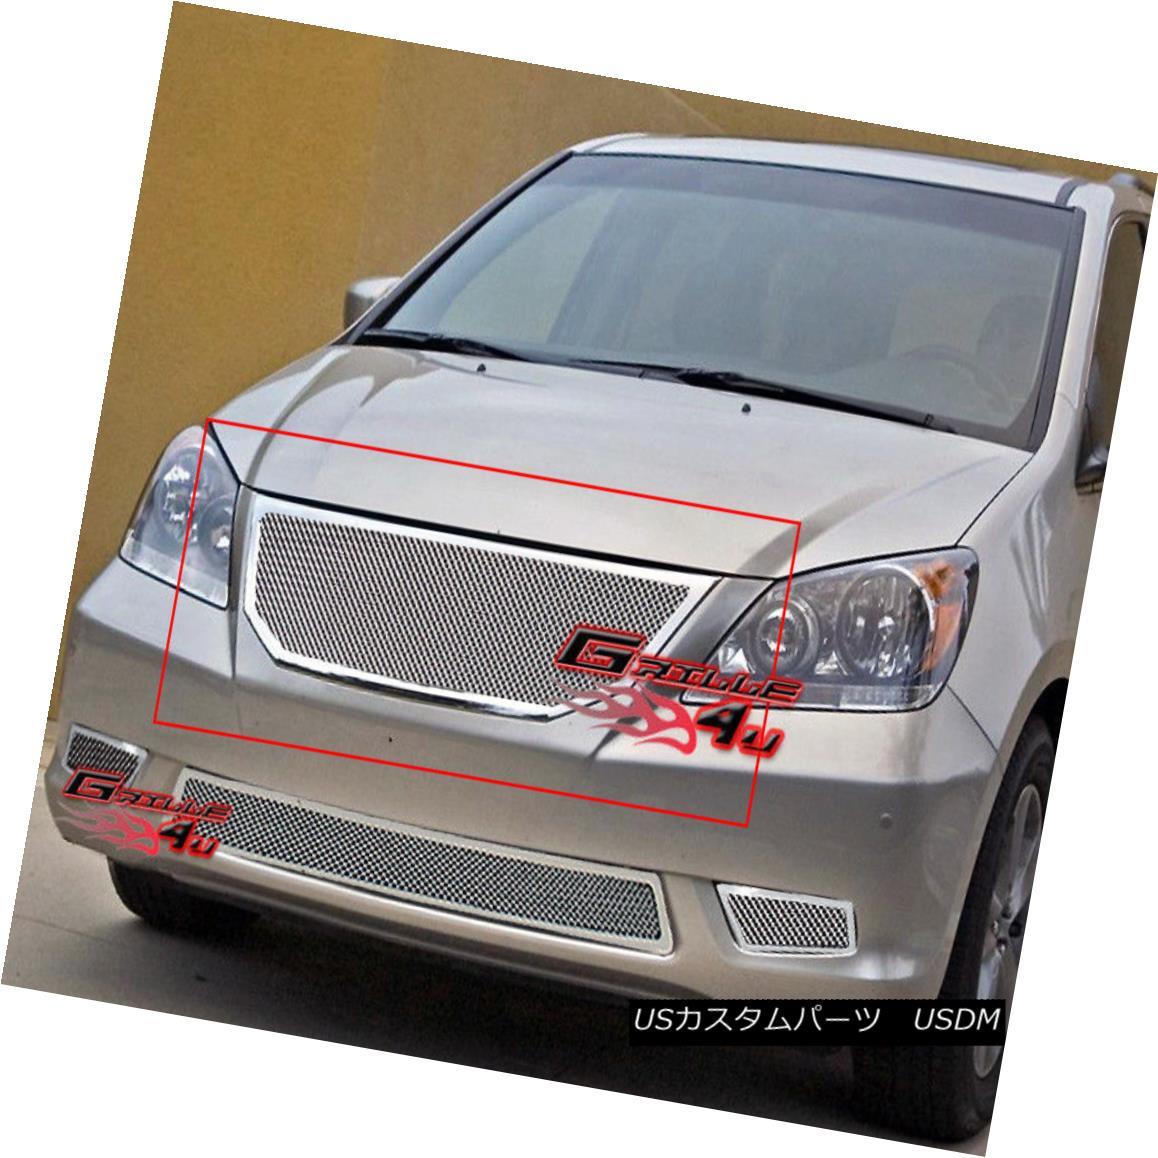 グリル Fits 08-10 Honda Odyssey Stainless Mesh Grille Insert フィット08-10ホンダオデッセイステンレスメッシュグリルインサート